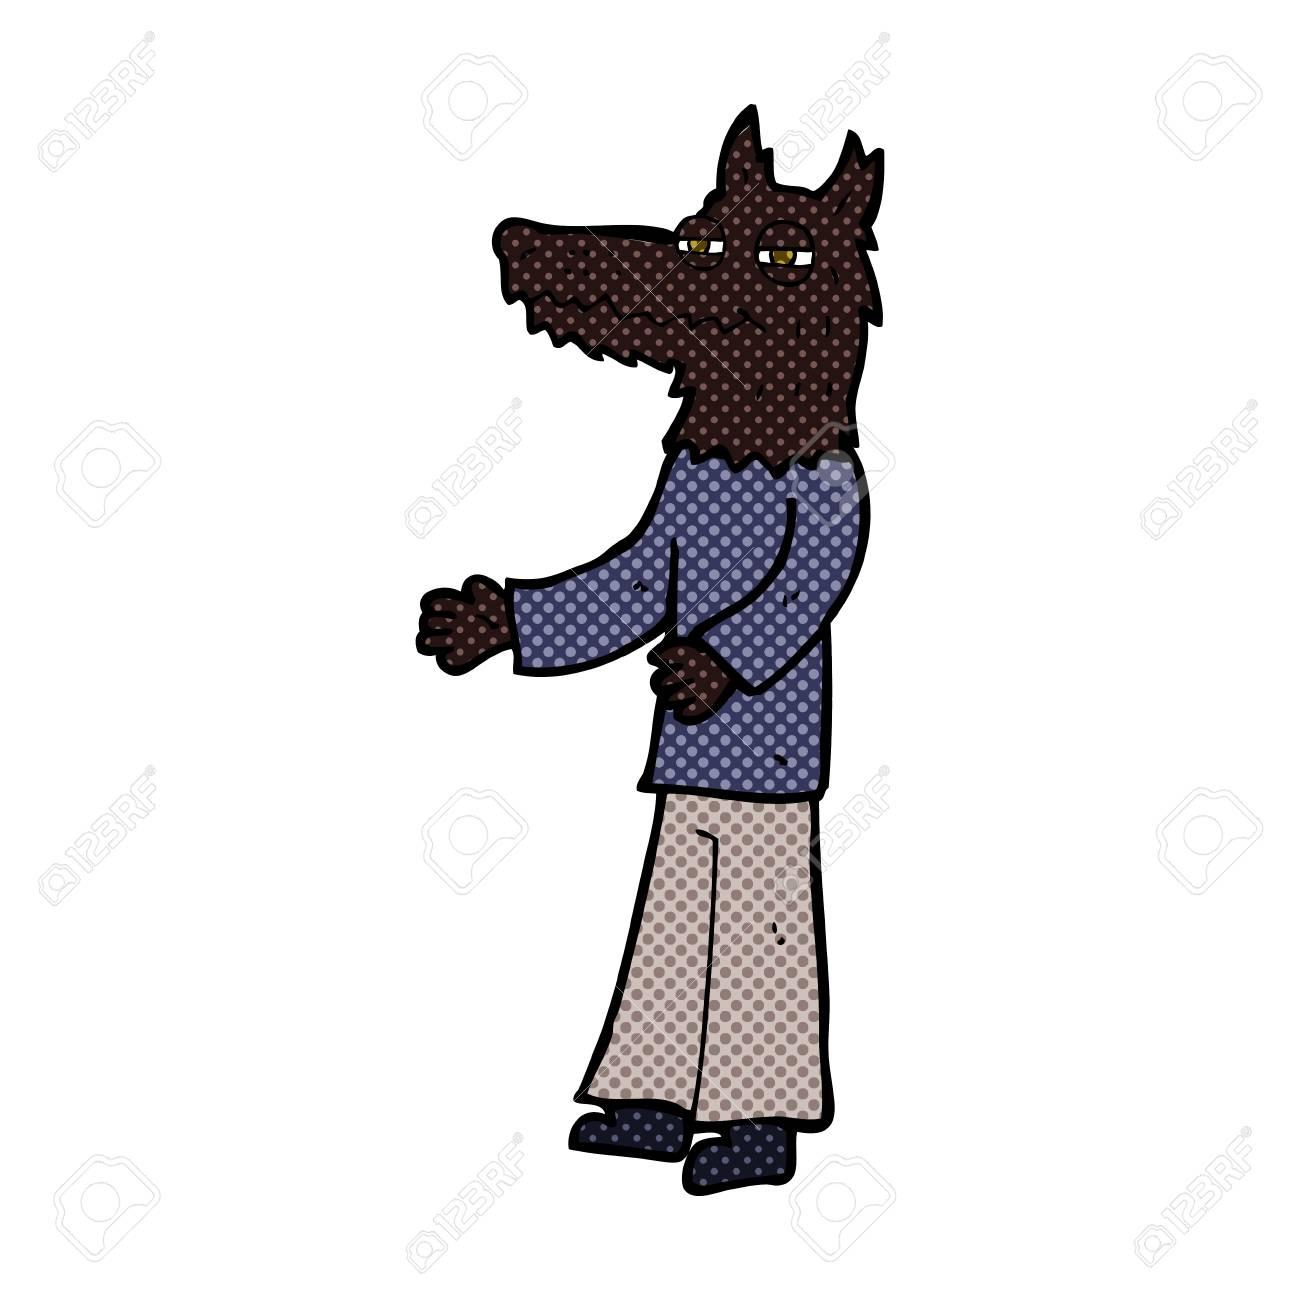 Vettoriale retrò stile fumetto cartone animato lupo uomo image